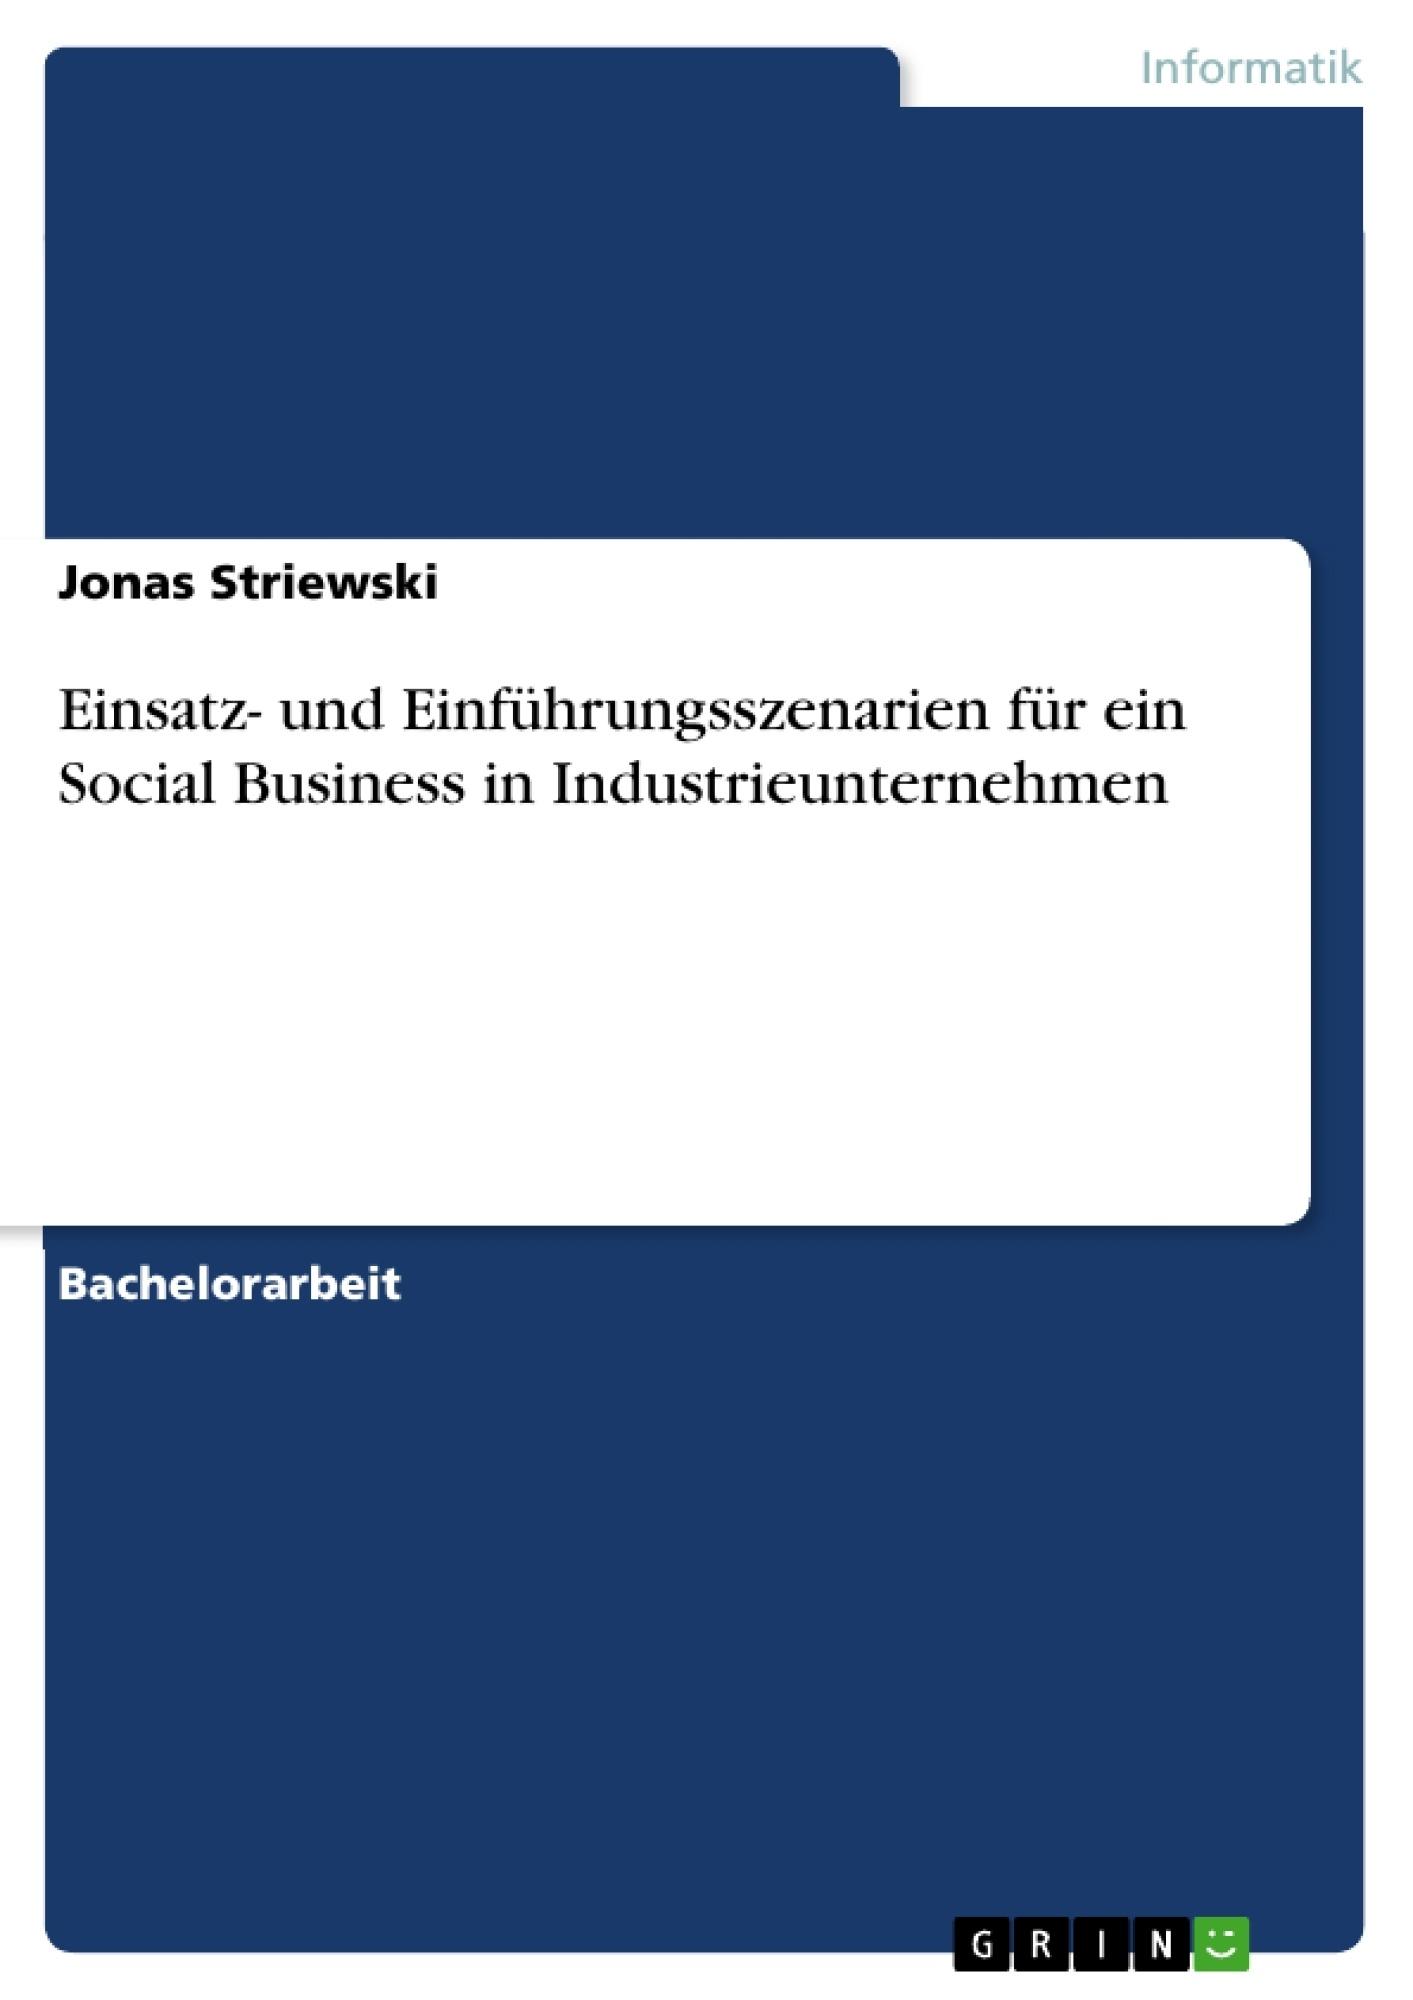 Titel: Einsatz- und Einführungsszenarien für ein Social Business in Industrieunternehmen